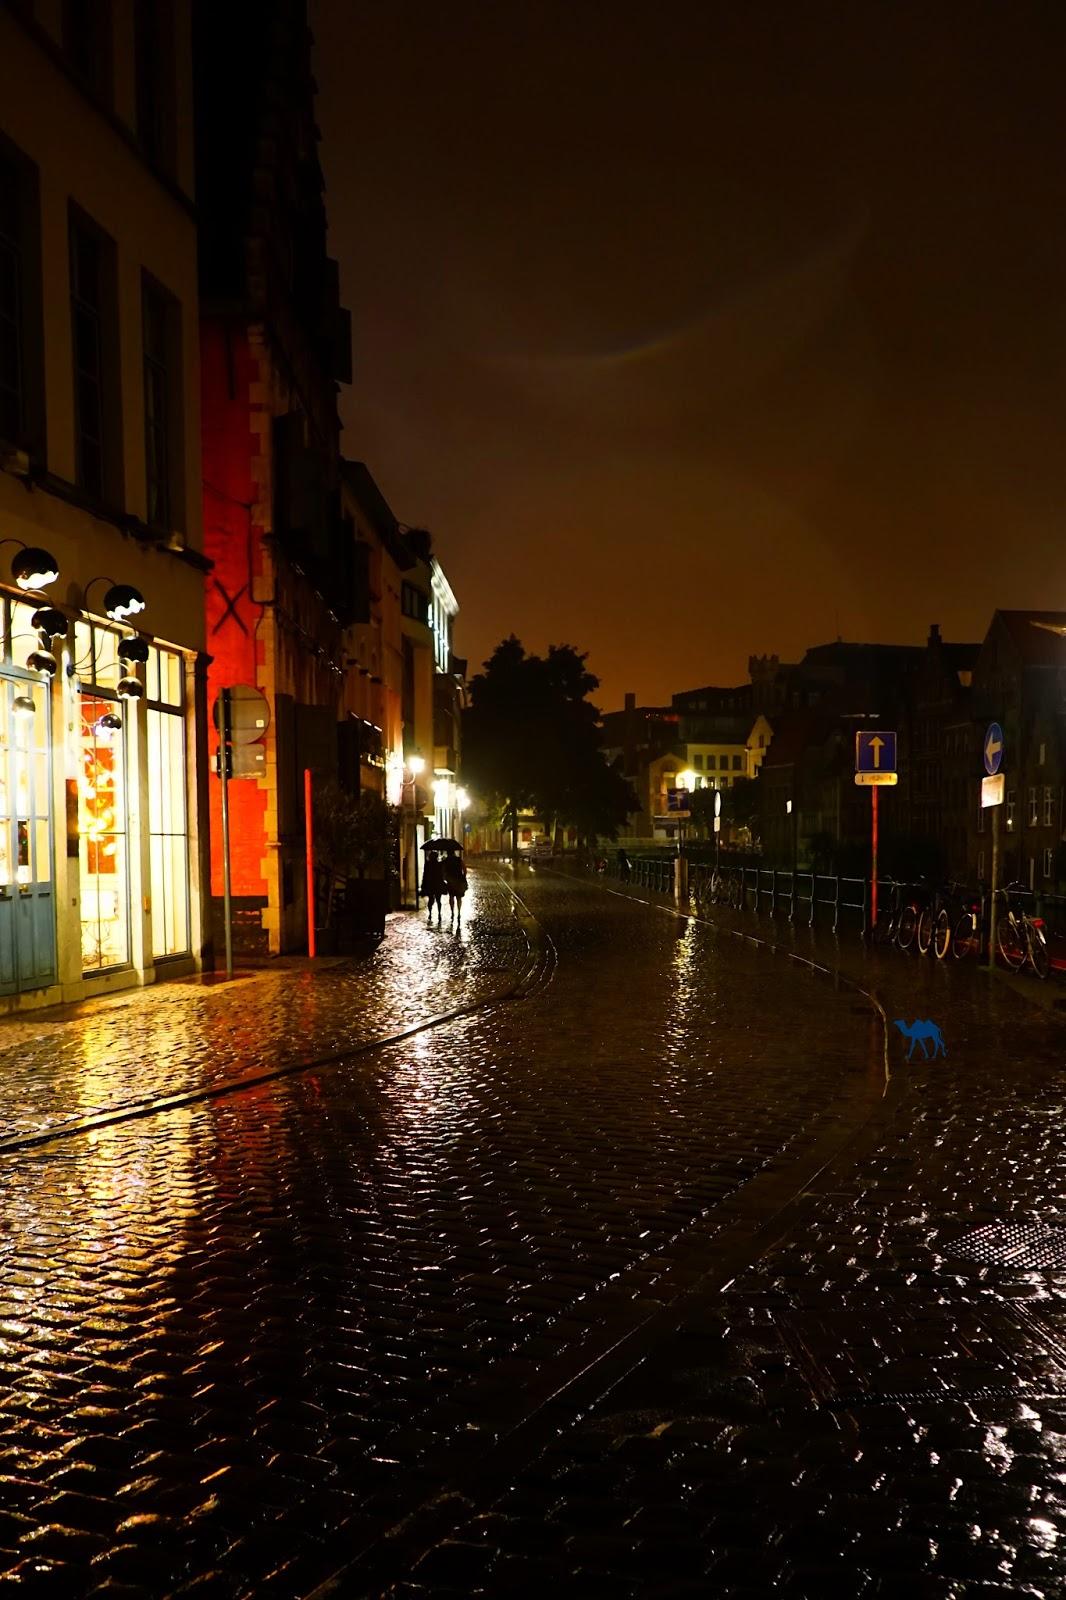 Le Chameau Bleu - Blog Voyage Gand Belgique - Gand Tourisme - Les rues de Gand à la tombée de la nuit Belgique